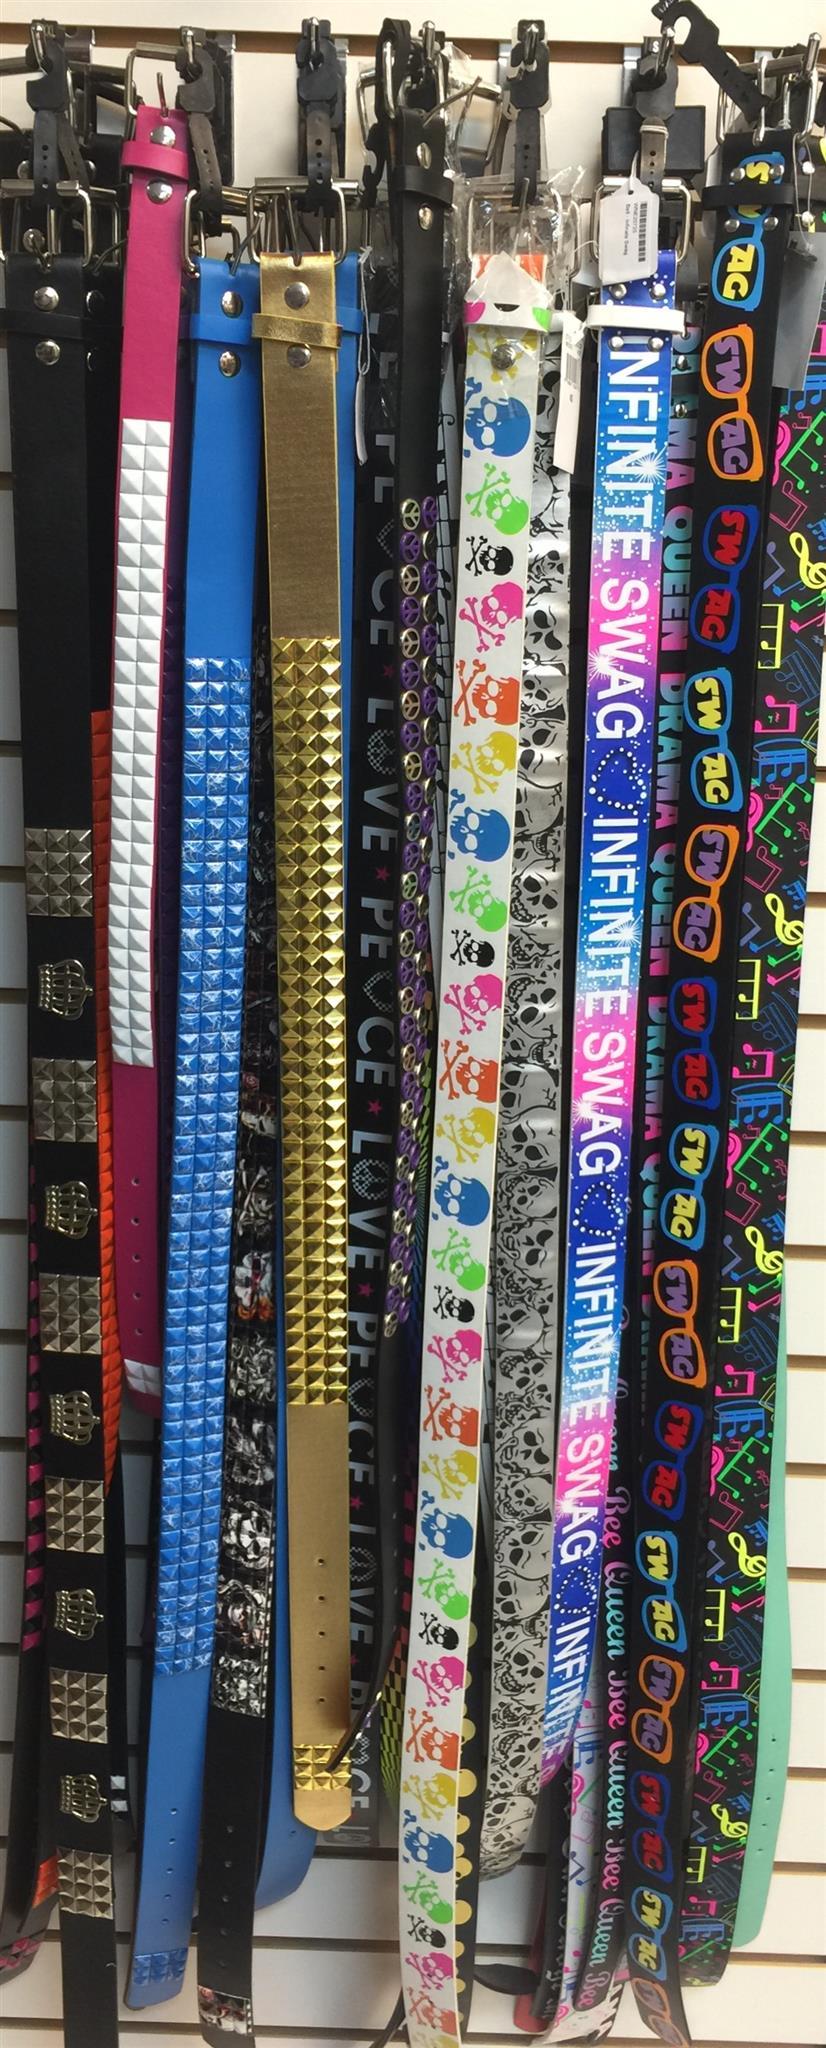 Assorted Novelty Belts